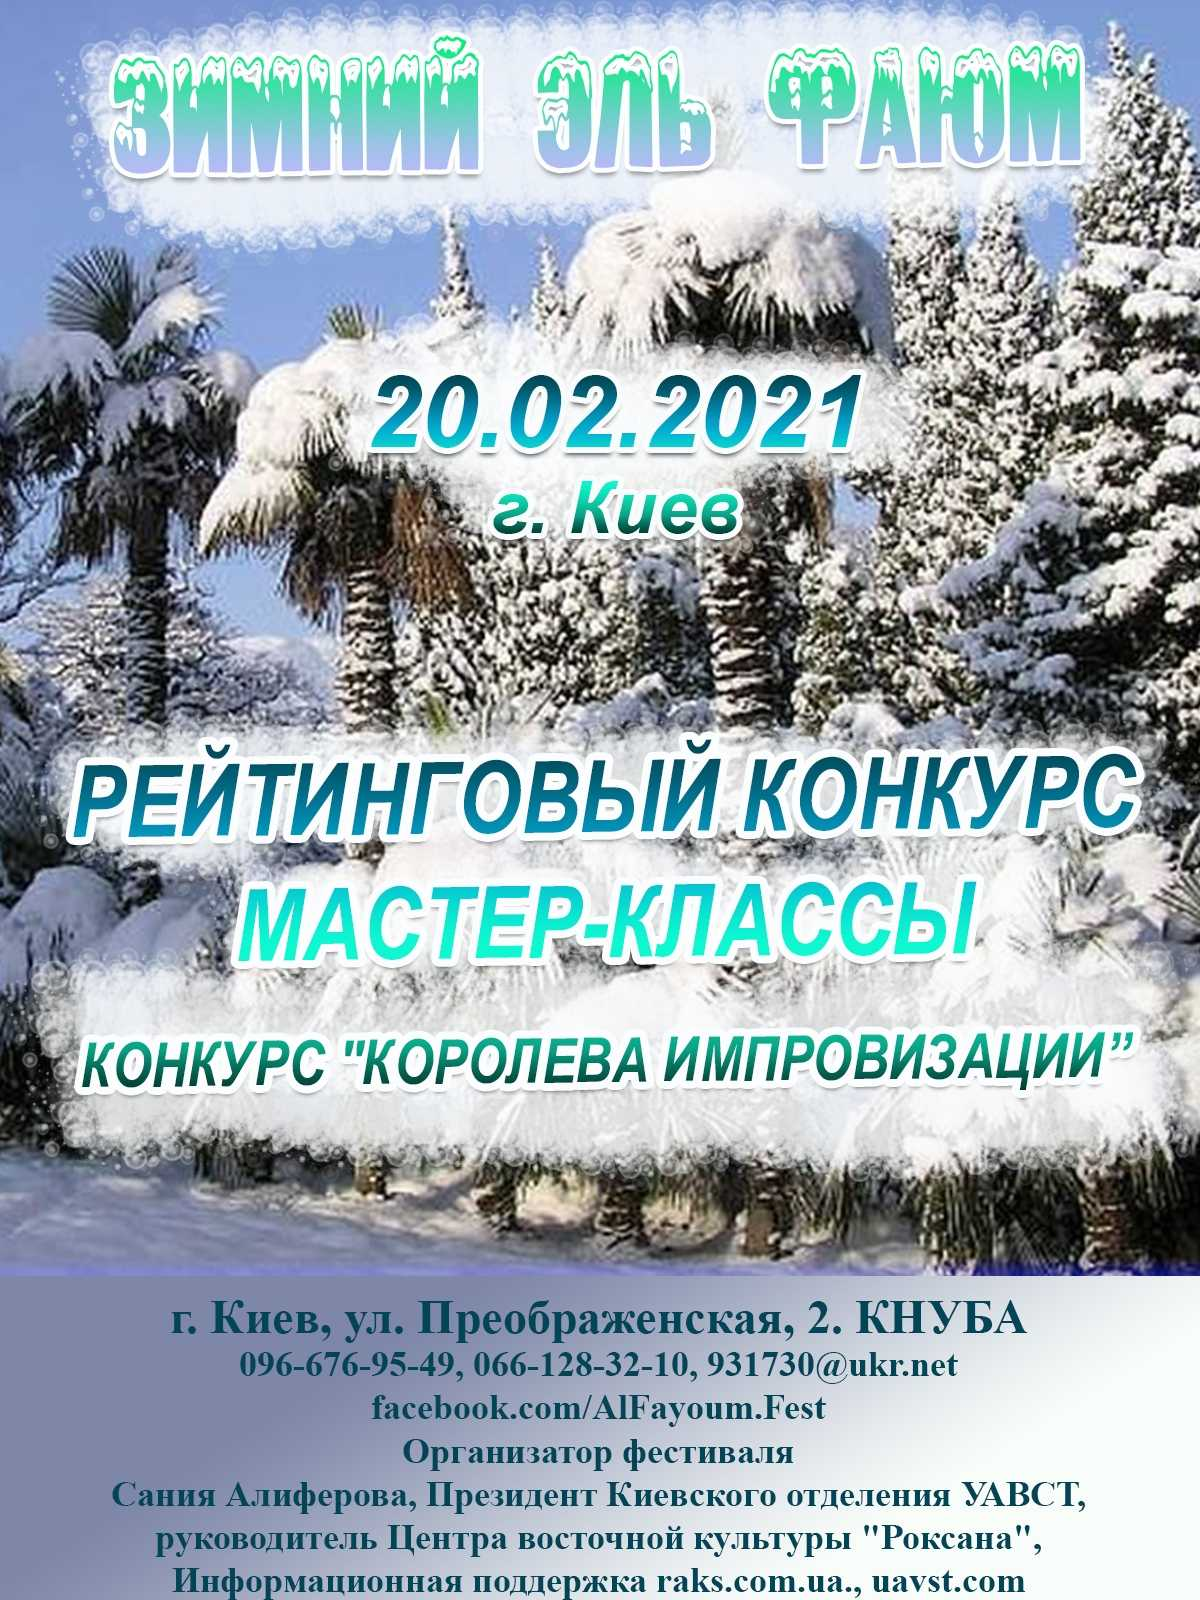 _viber_2021-01-05_14-01-39_2021-01-20.jpg